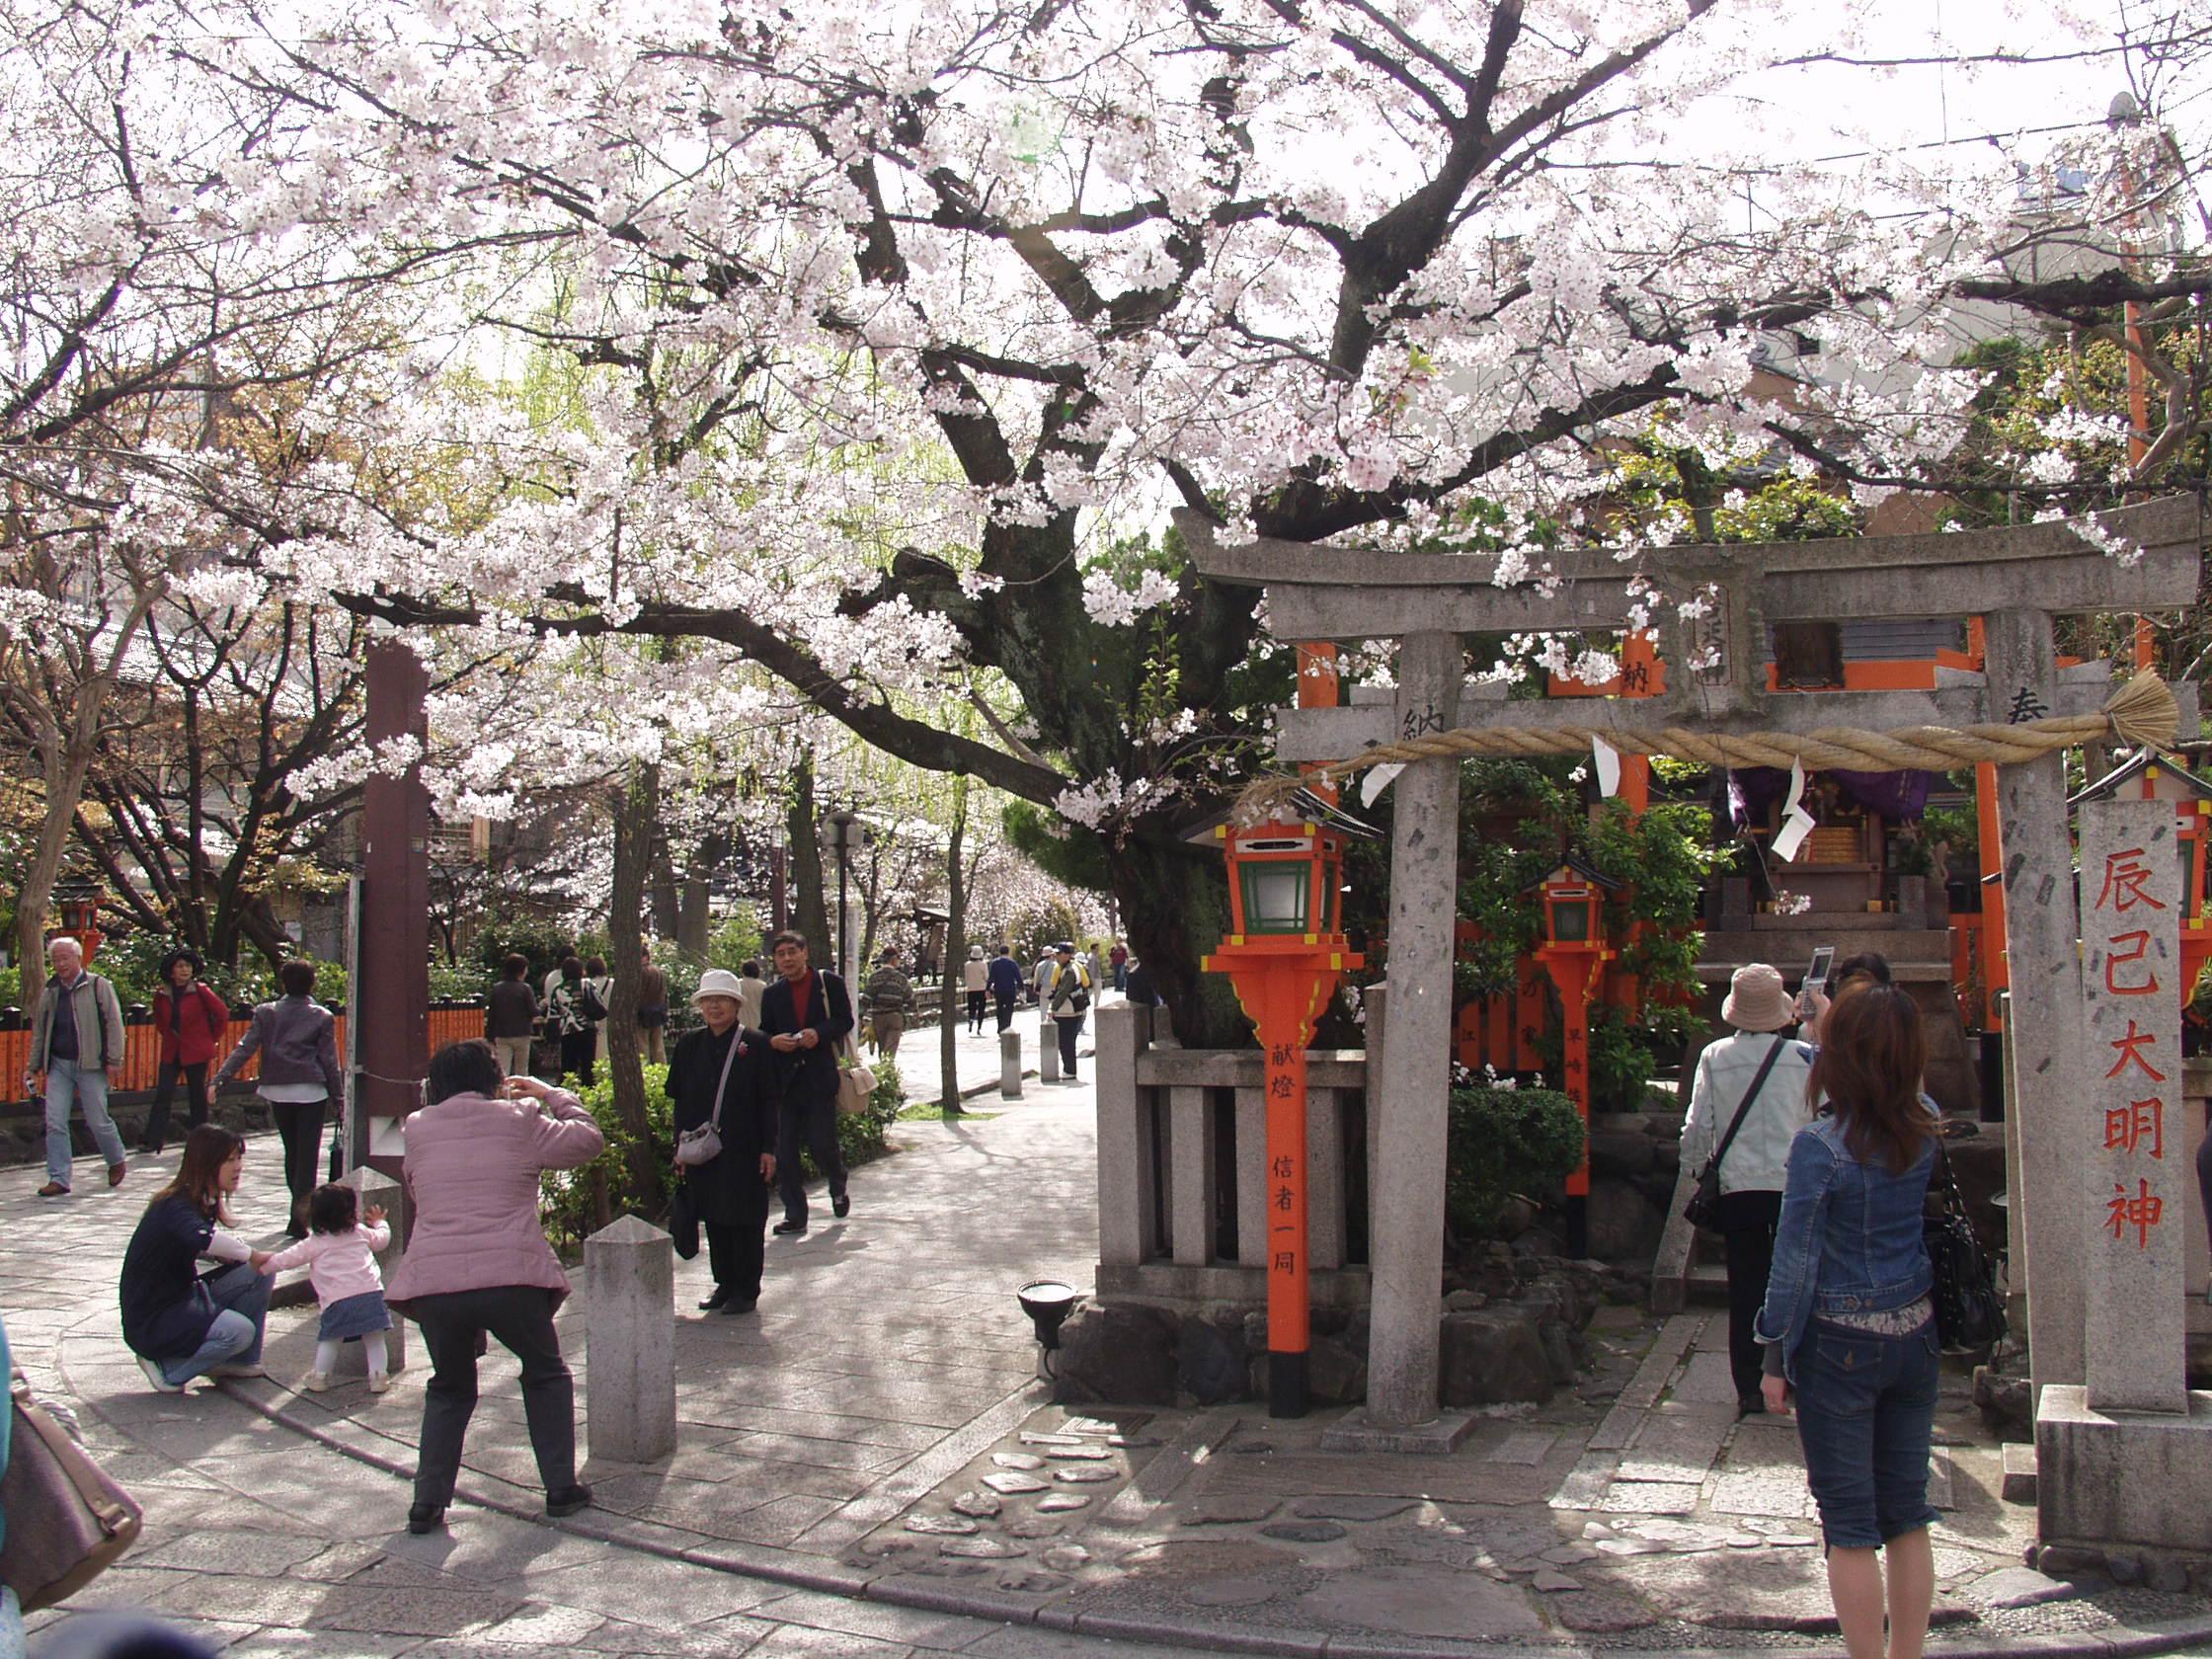 Sakura in Gion